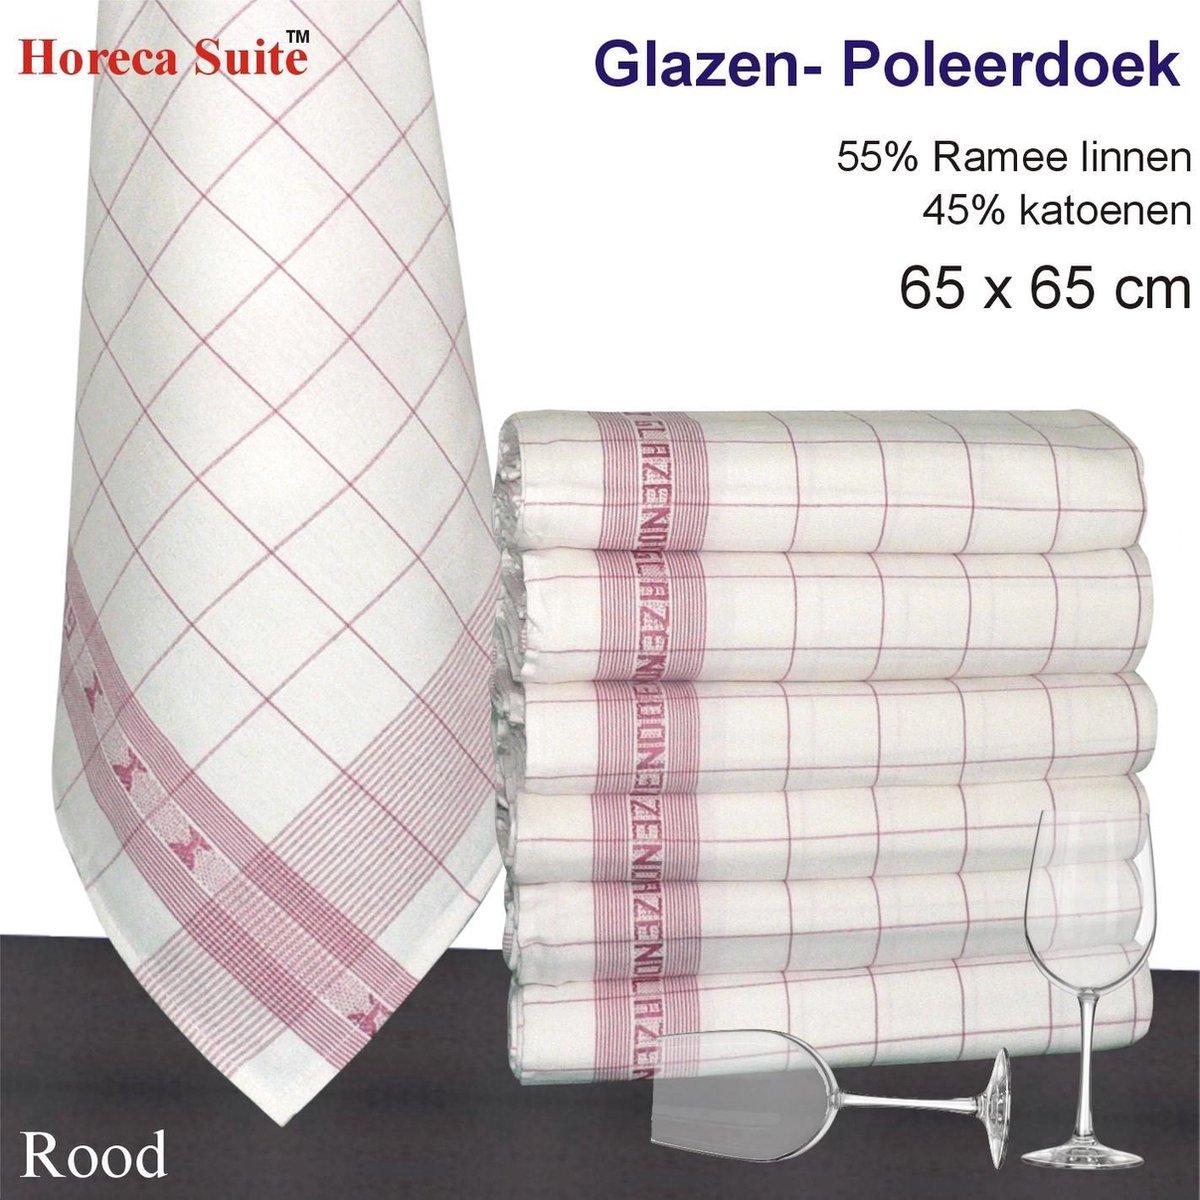 Hom    Glazendoek - Poleerdoeken jacquard rood ruiten 65x65cm - set van 6 stuks - 50% Ramee linnen 5